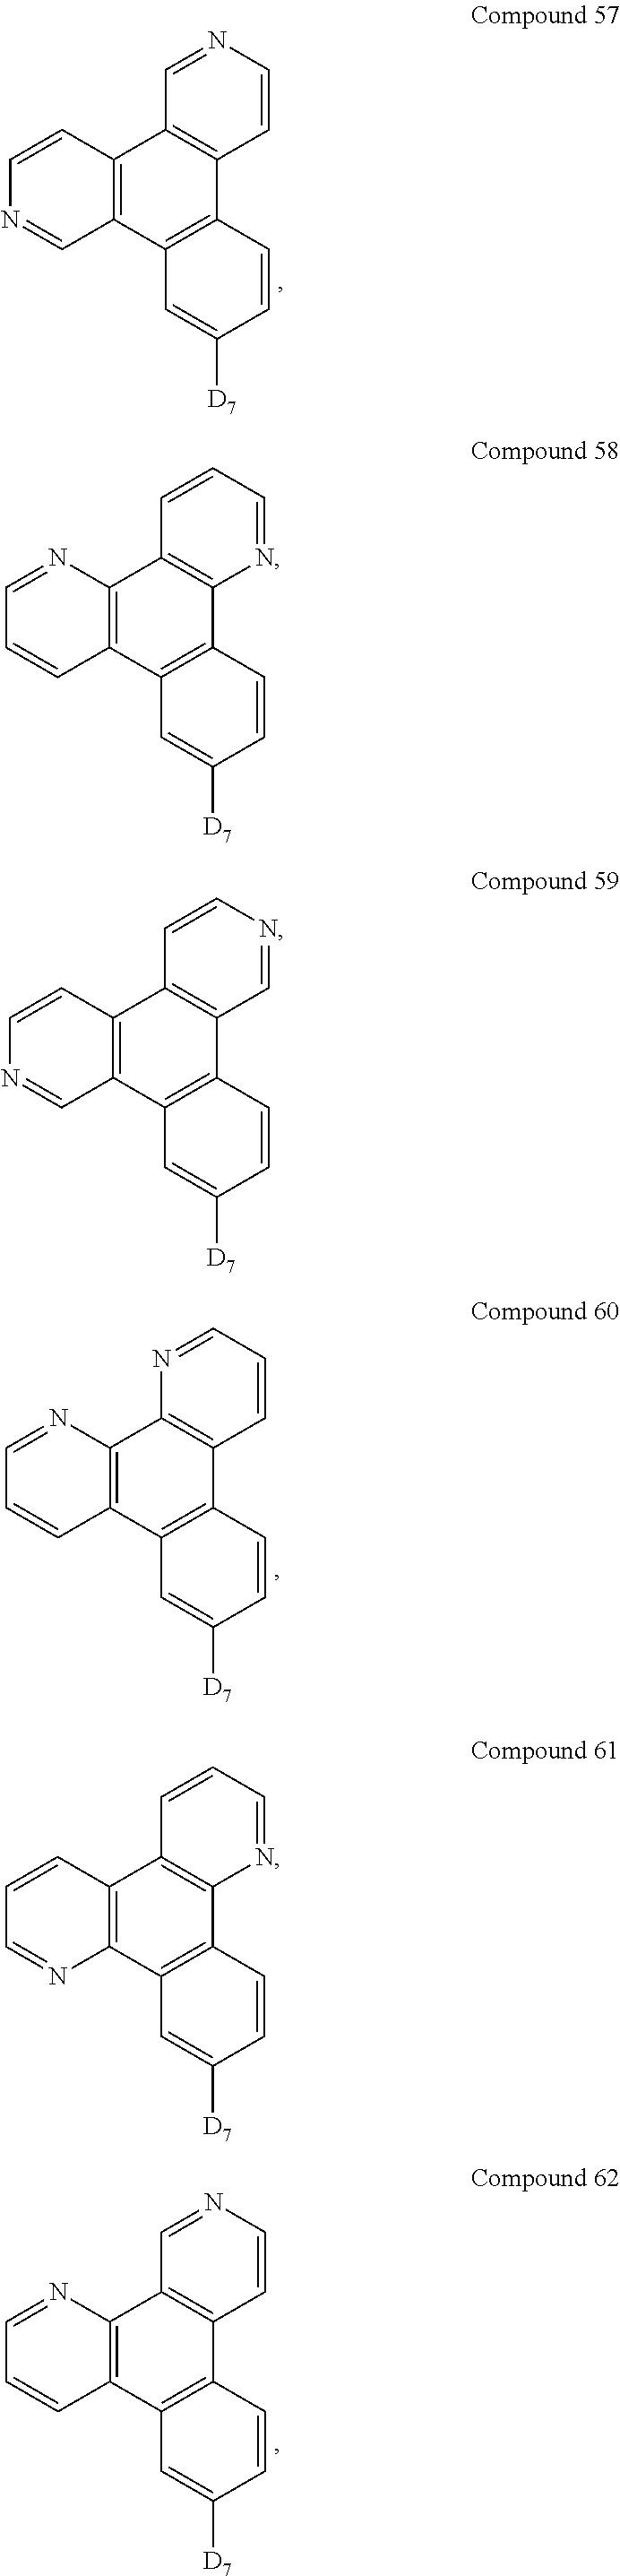 Figure US09537106-20170103-C00171